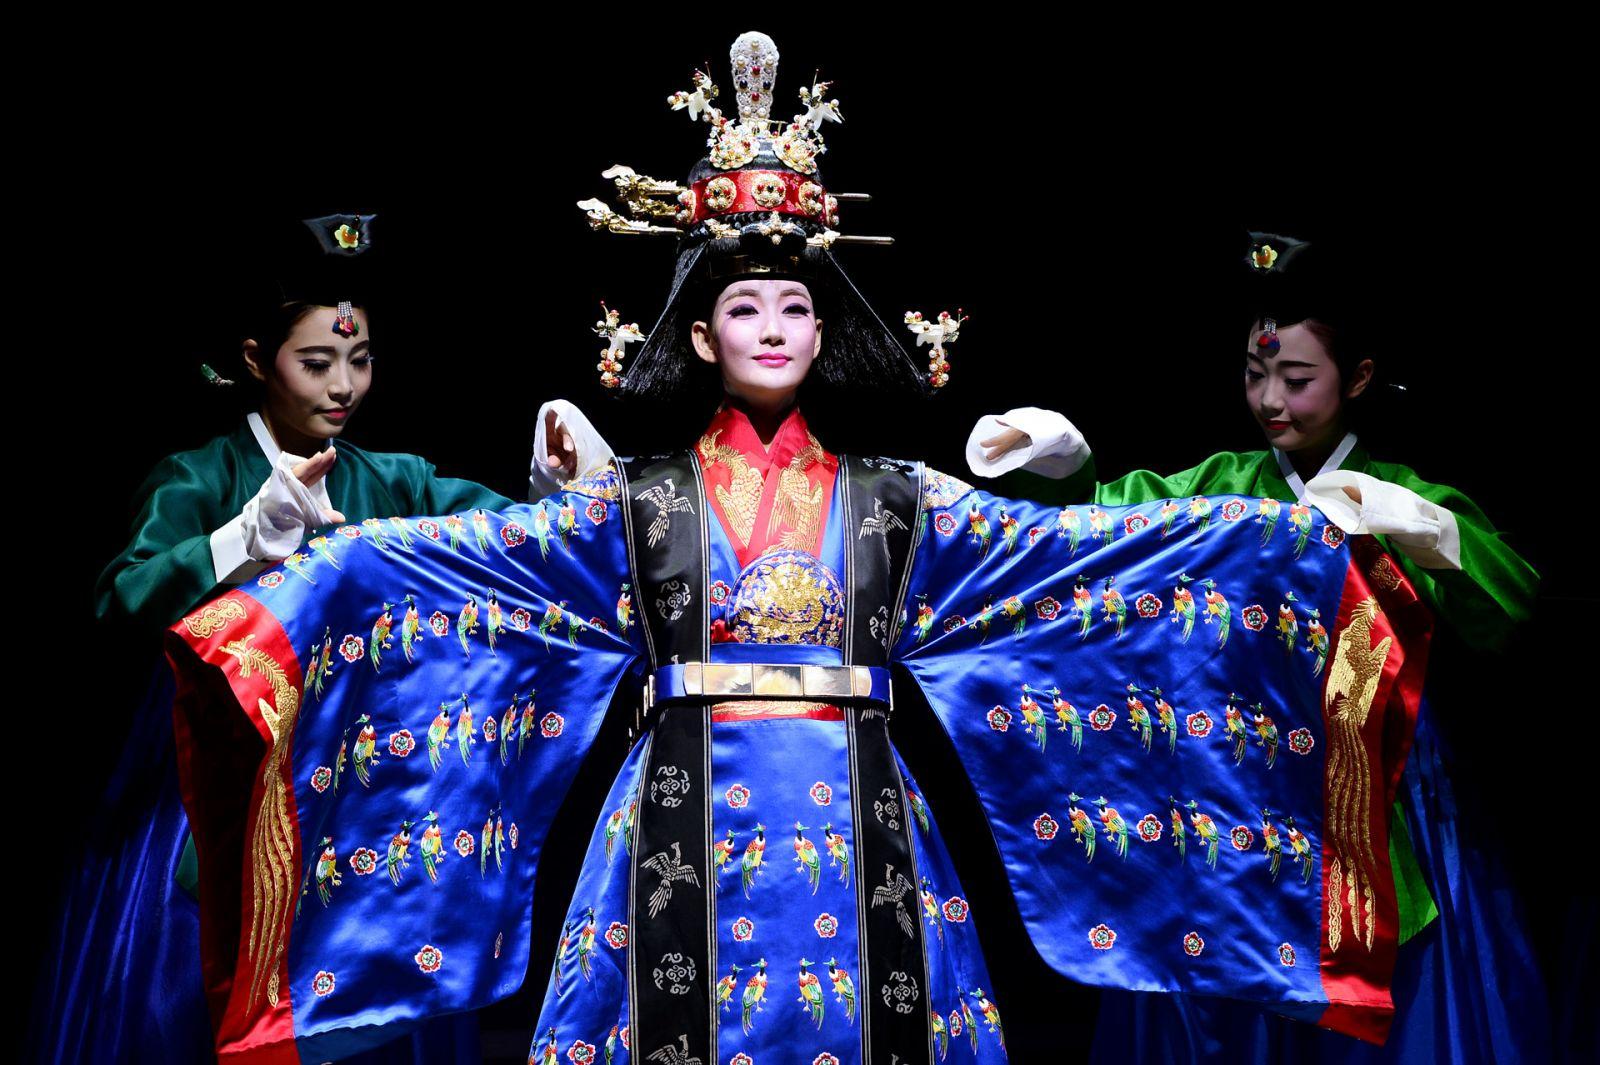 du lịch Hàn Quốc 4 ngày 3 đêm